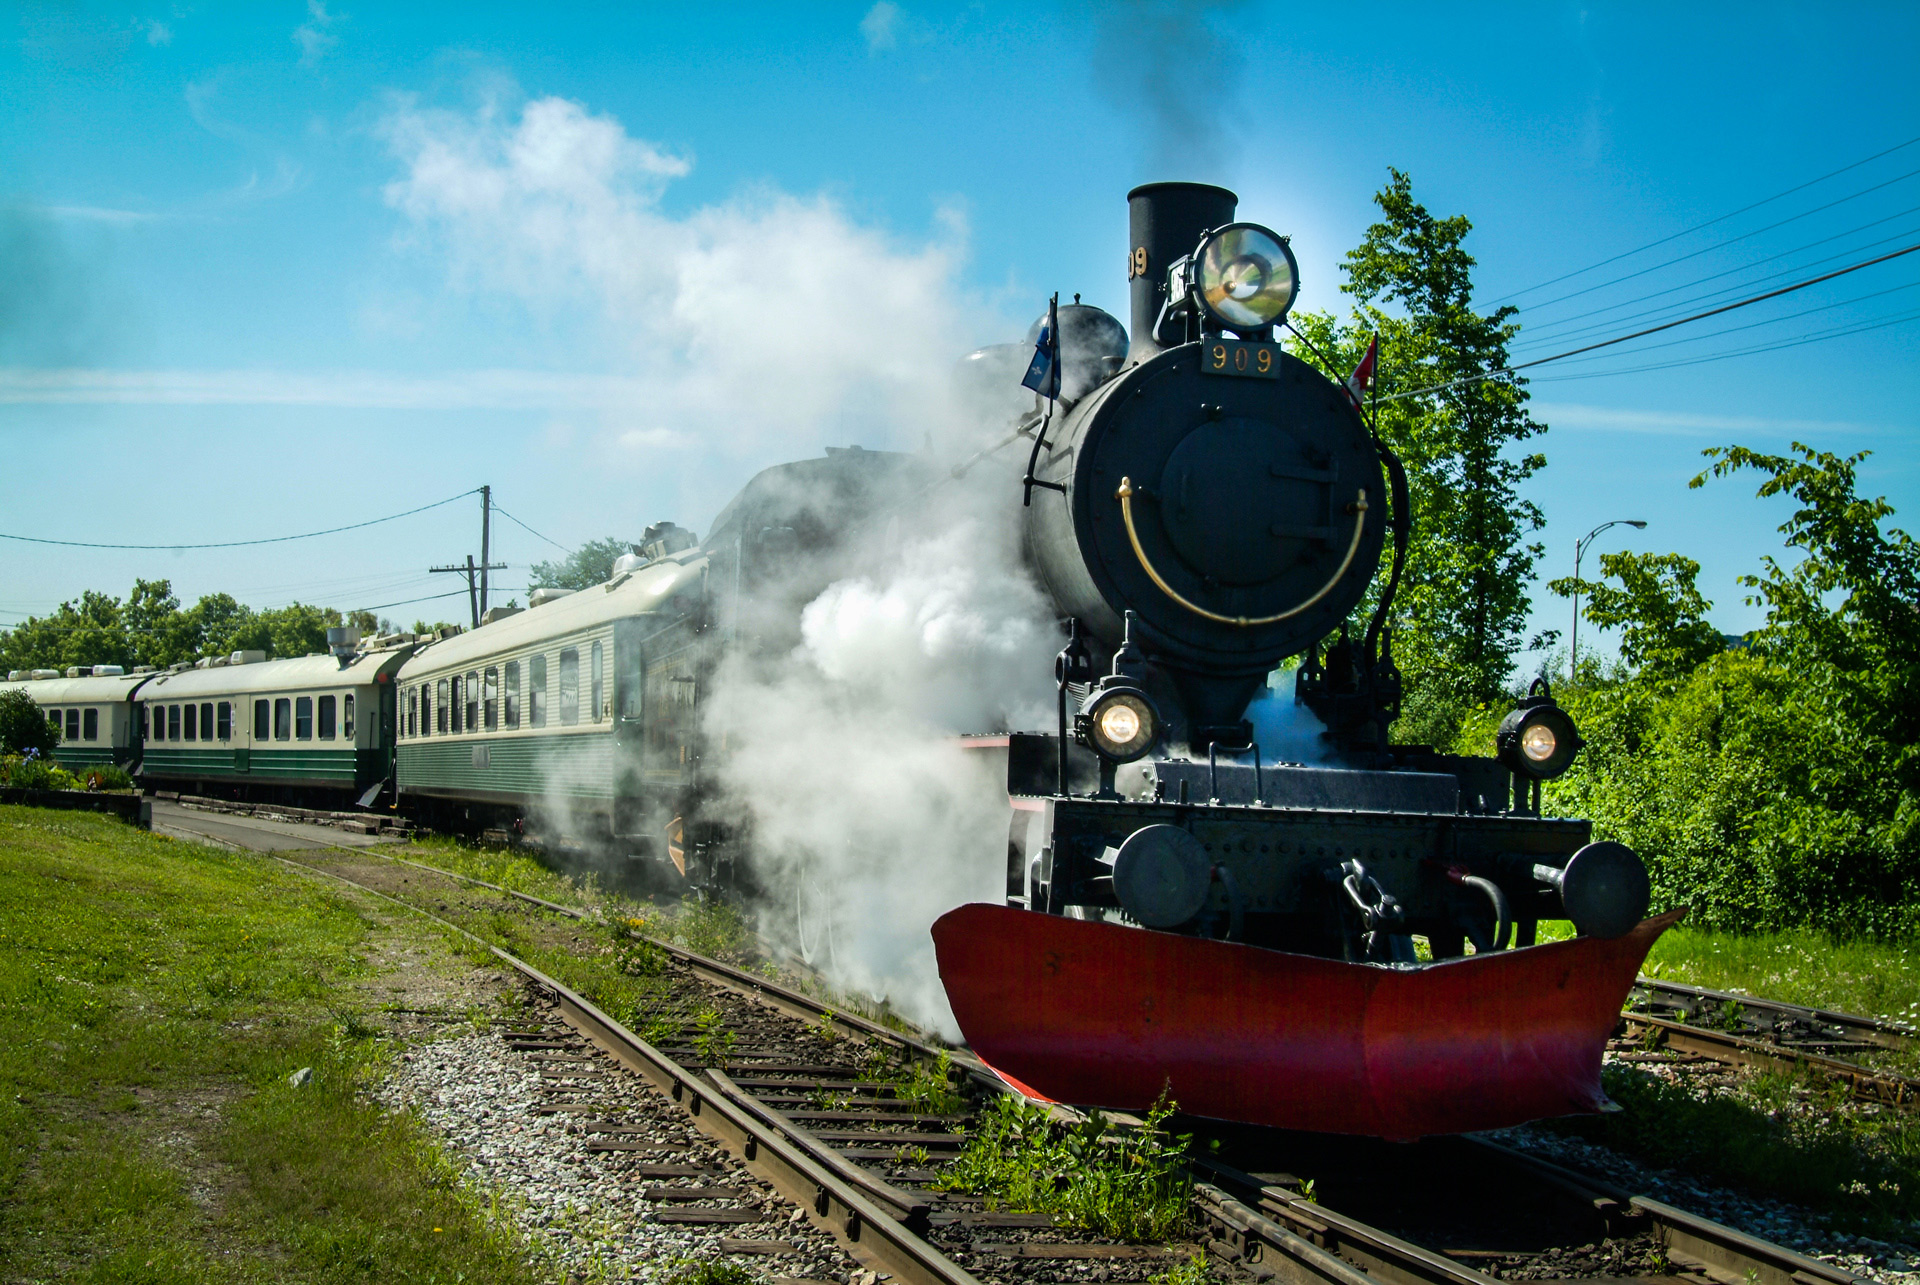 Train-a-vapeur